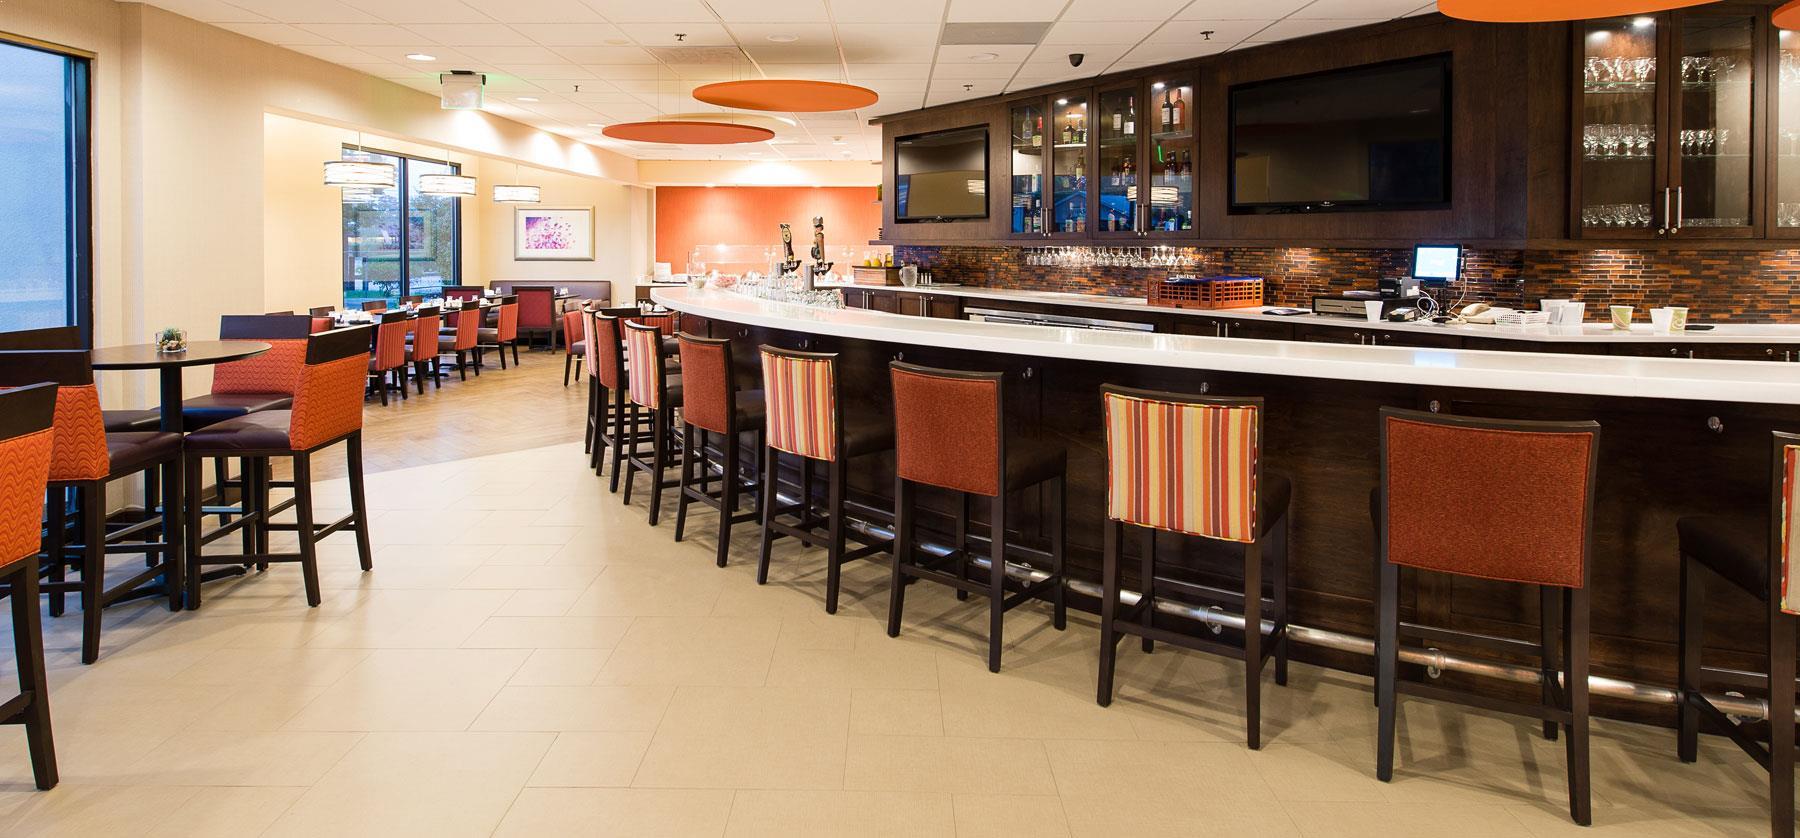 65 Interior Design Jobs Wilmington Nc Best Interior Designers And Decorators In